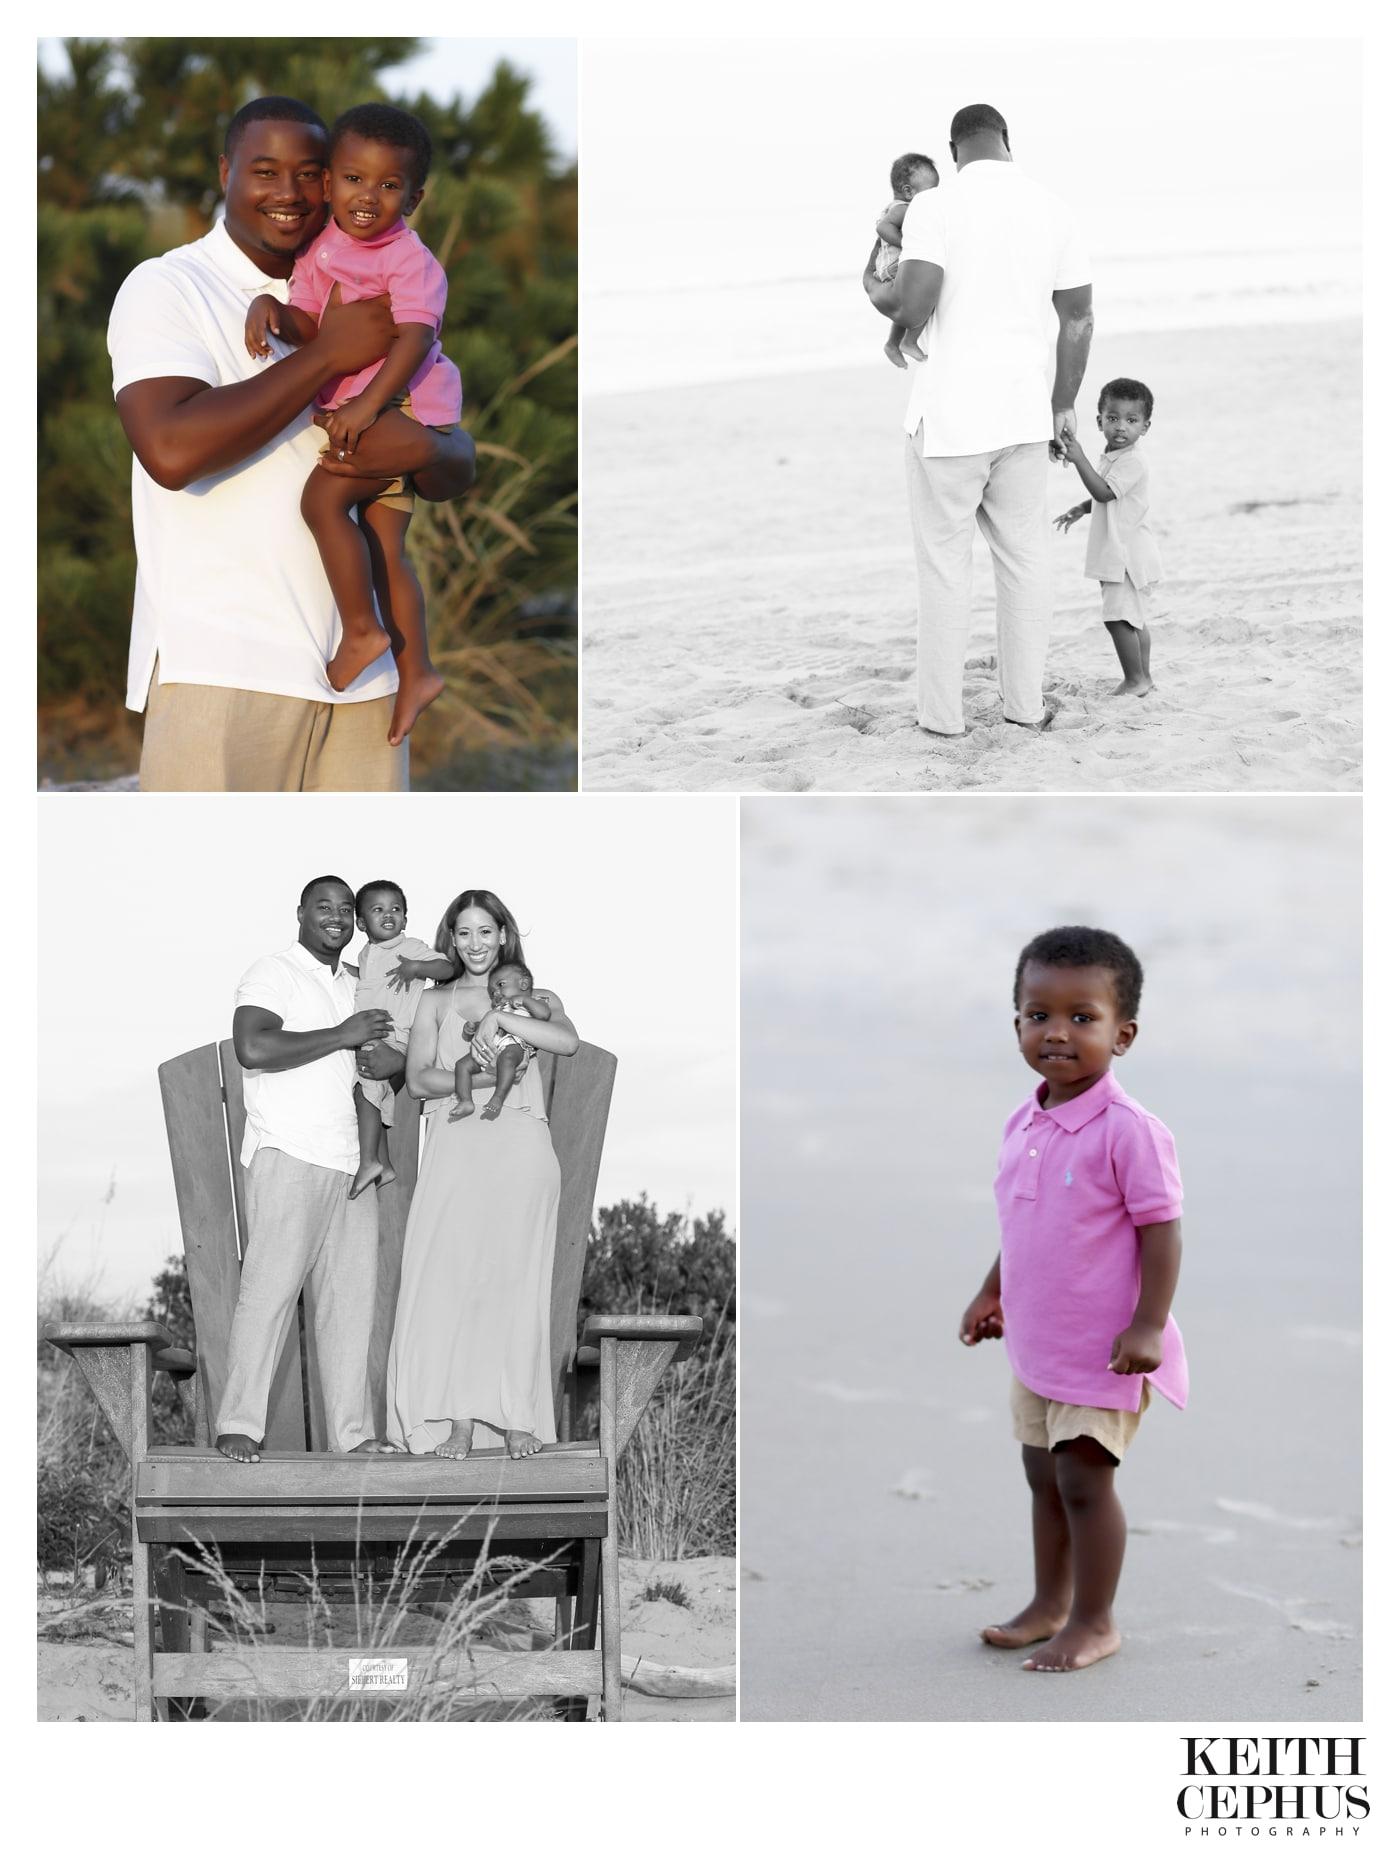 Virginia Beach Portrait Photographer | Leslie and CJ's Family Portrait Session!